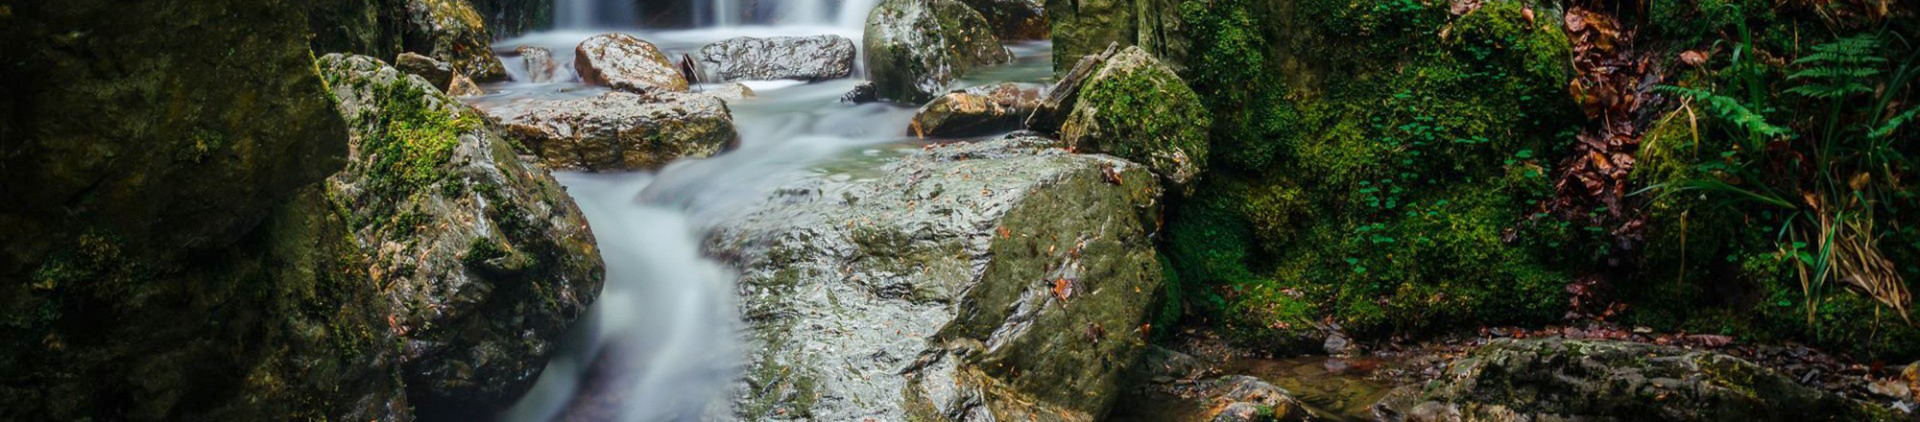 Aywaille – Entre vallées et rivières